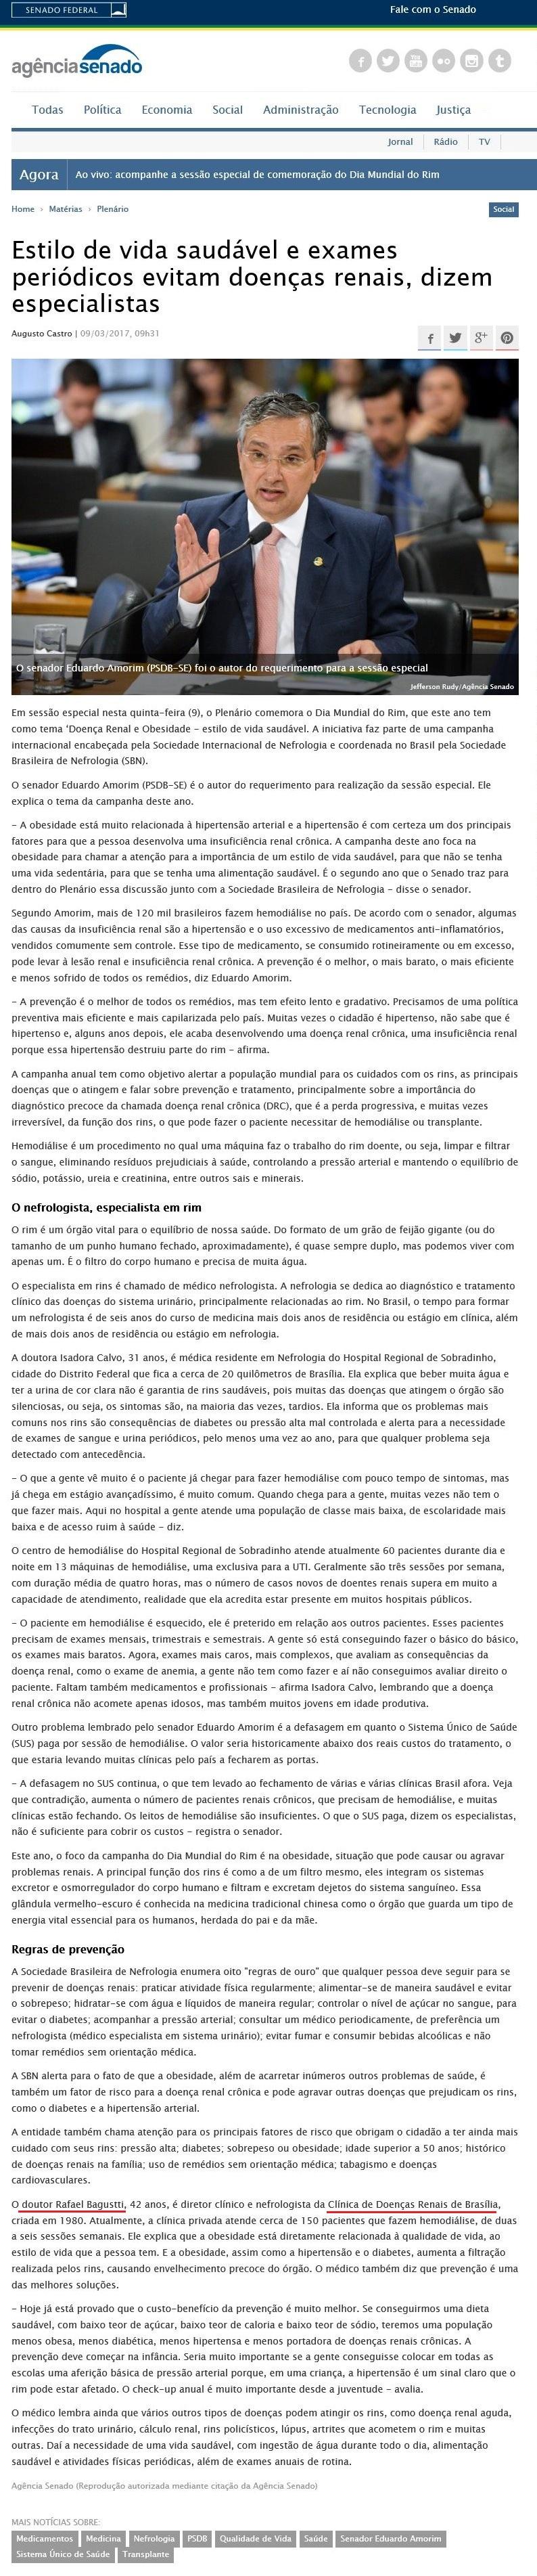 Agência Senado Federal - Dr. Rafael Bagustti CDRB - 09-03-2017